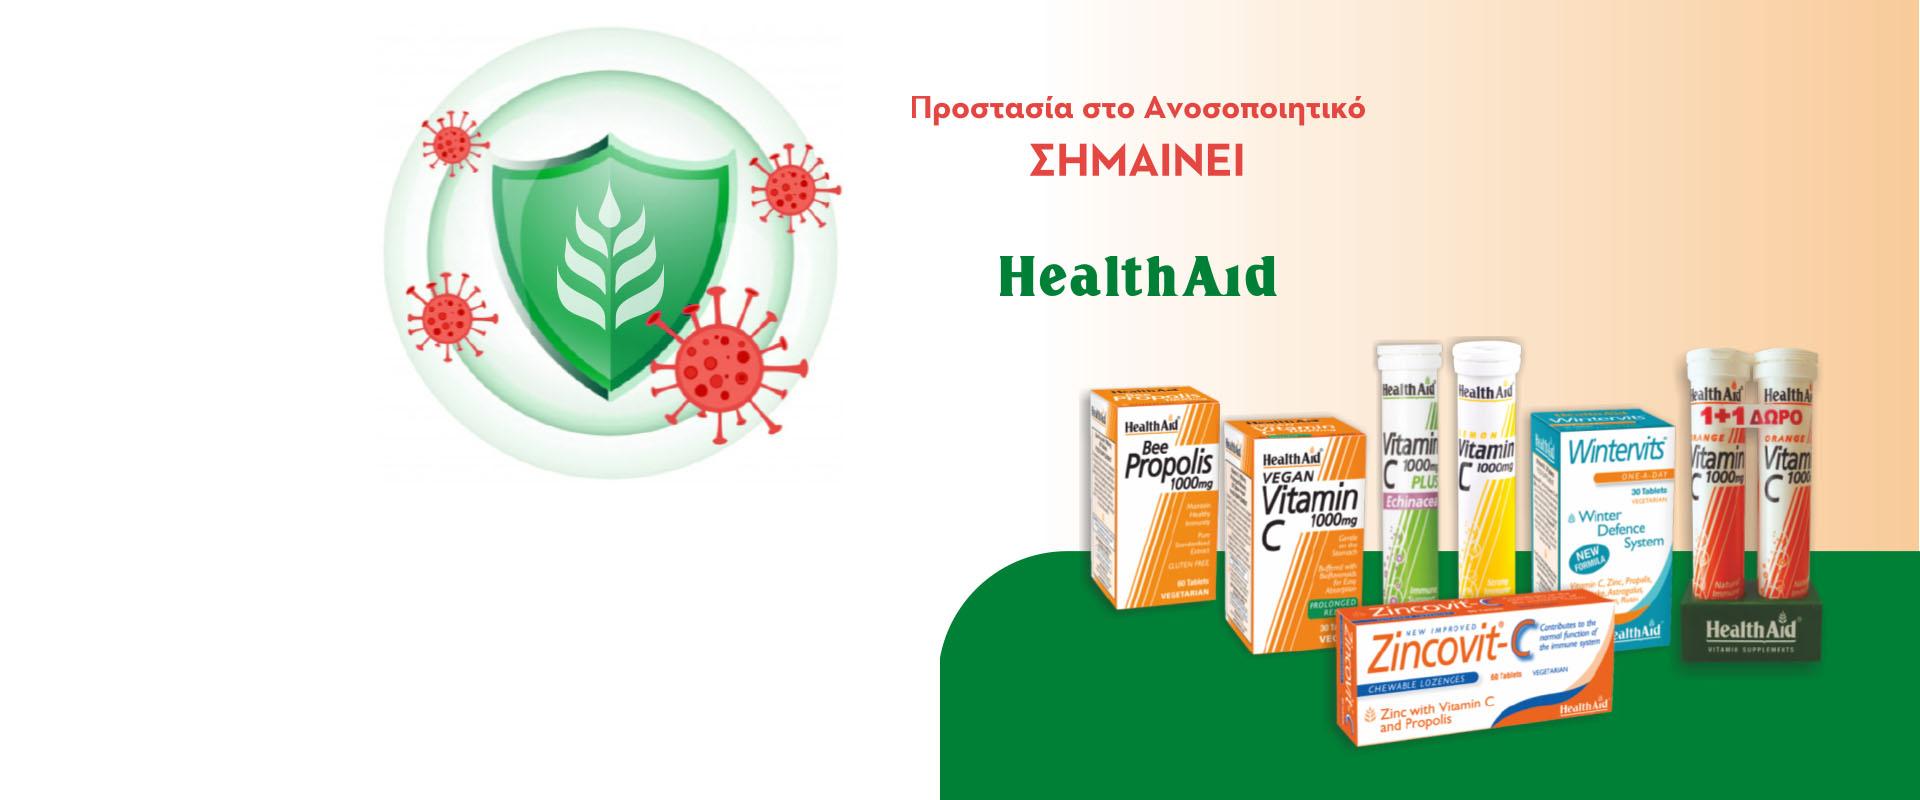 Ενισχύστε την άμυνα του οργανισμού σας με Health Aid!